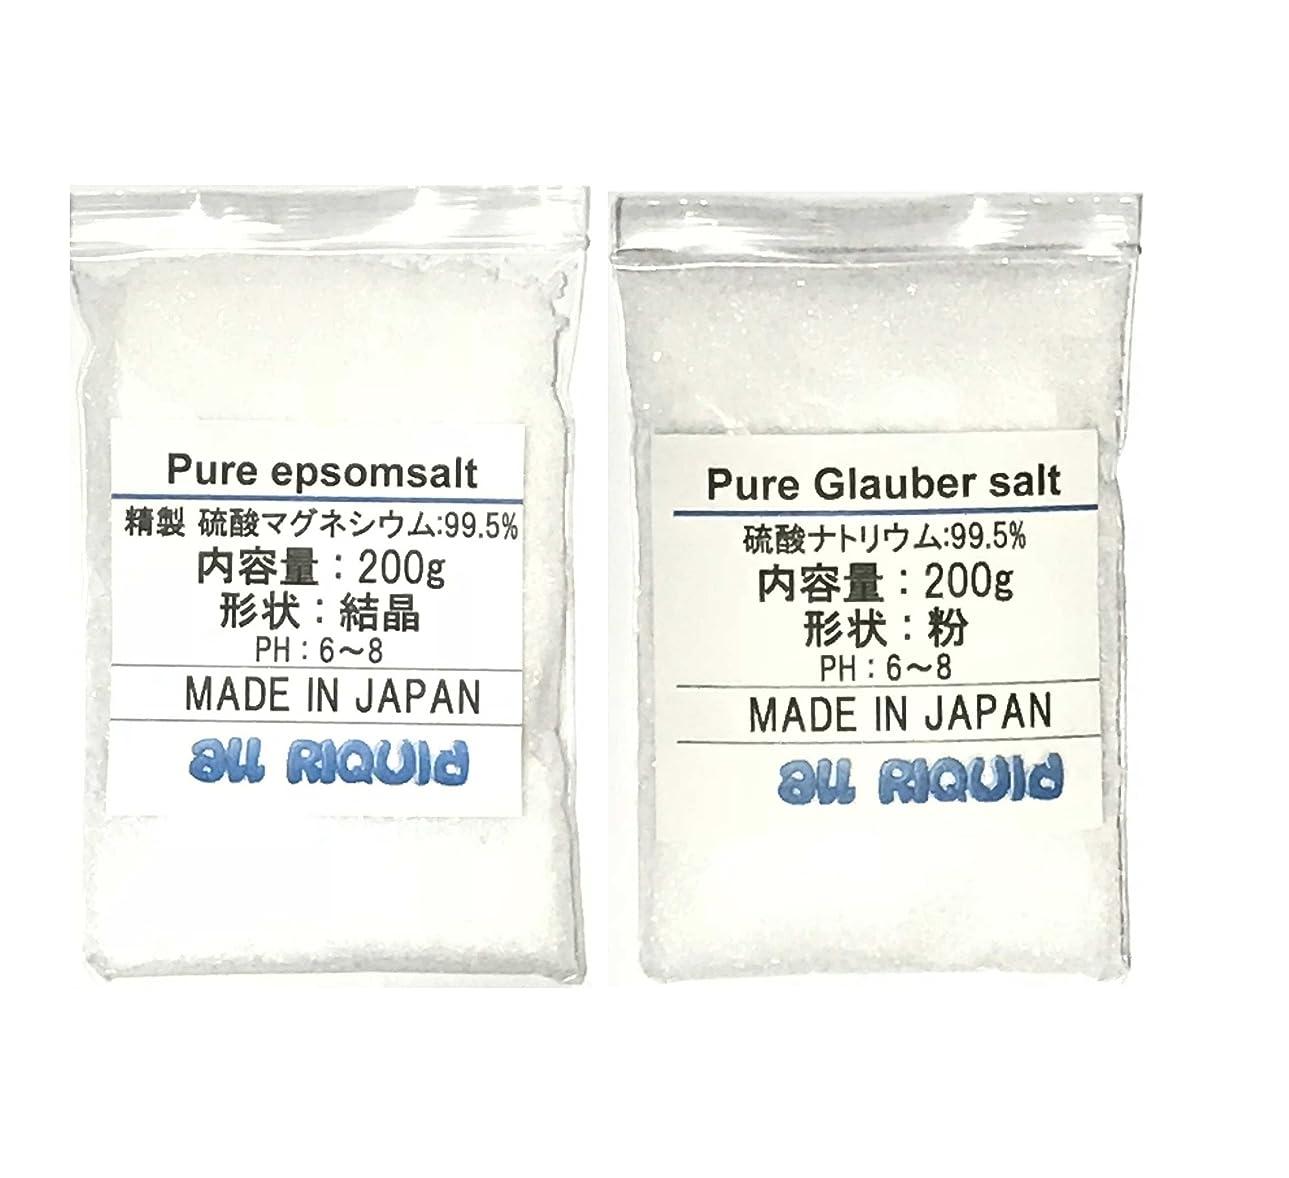 告白発明褐色純 エプソムソルト グラウバーソルト 200g 1セット (硫酸マグネシウム?硫酸ナトリウム) 国産品 オールリキッド 芒硝